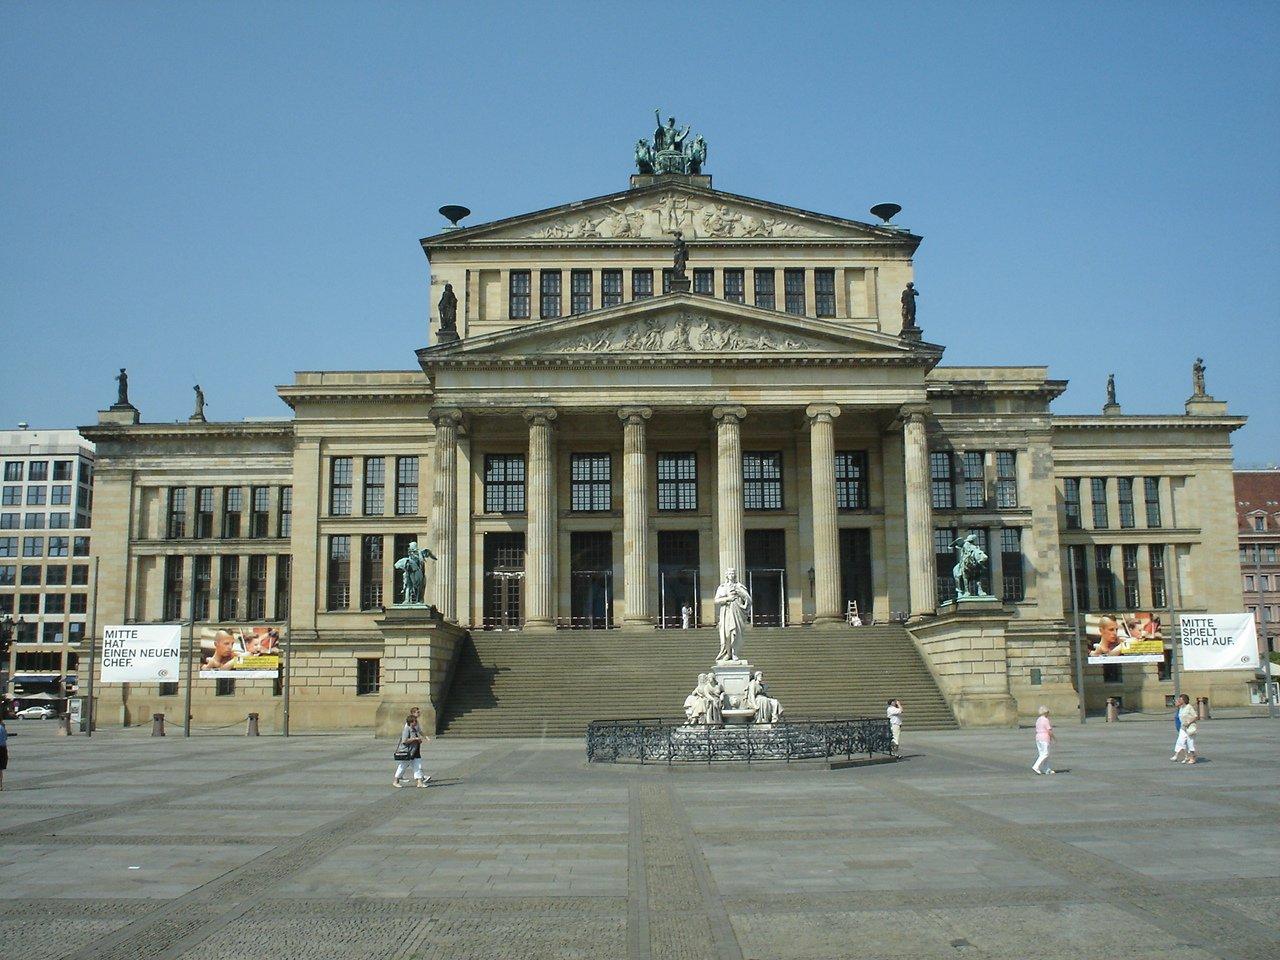 Концертхаус, Берлин, Германия. Июль, 2006